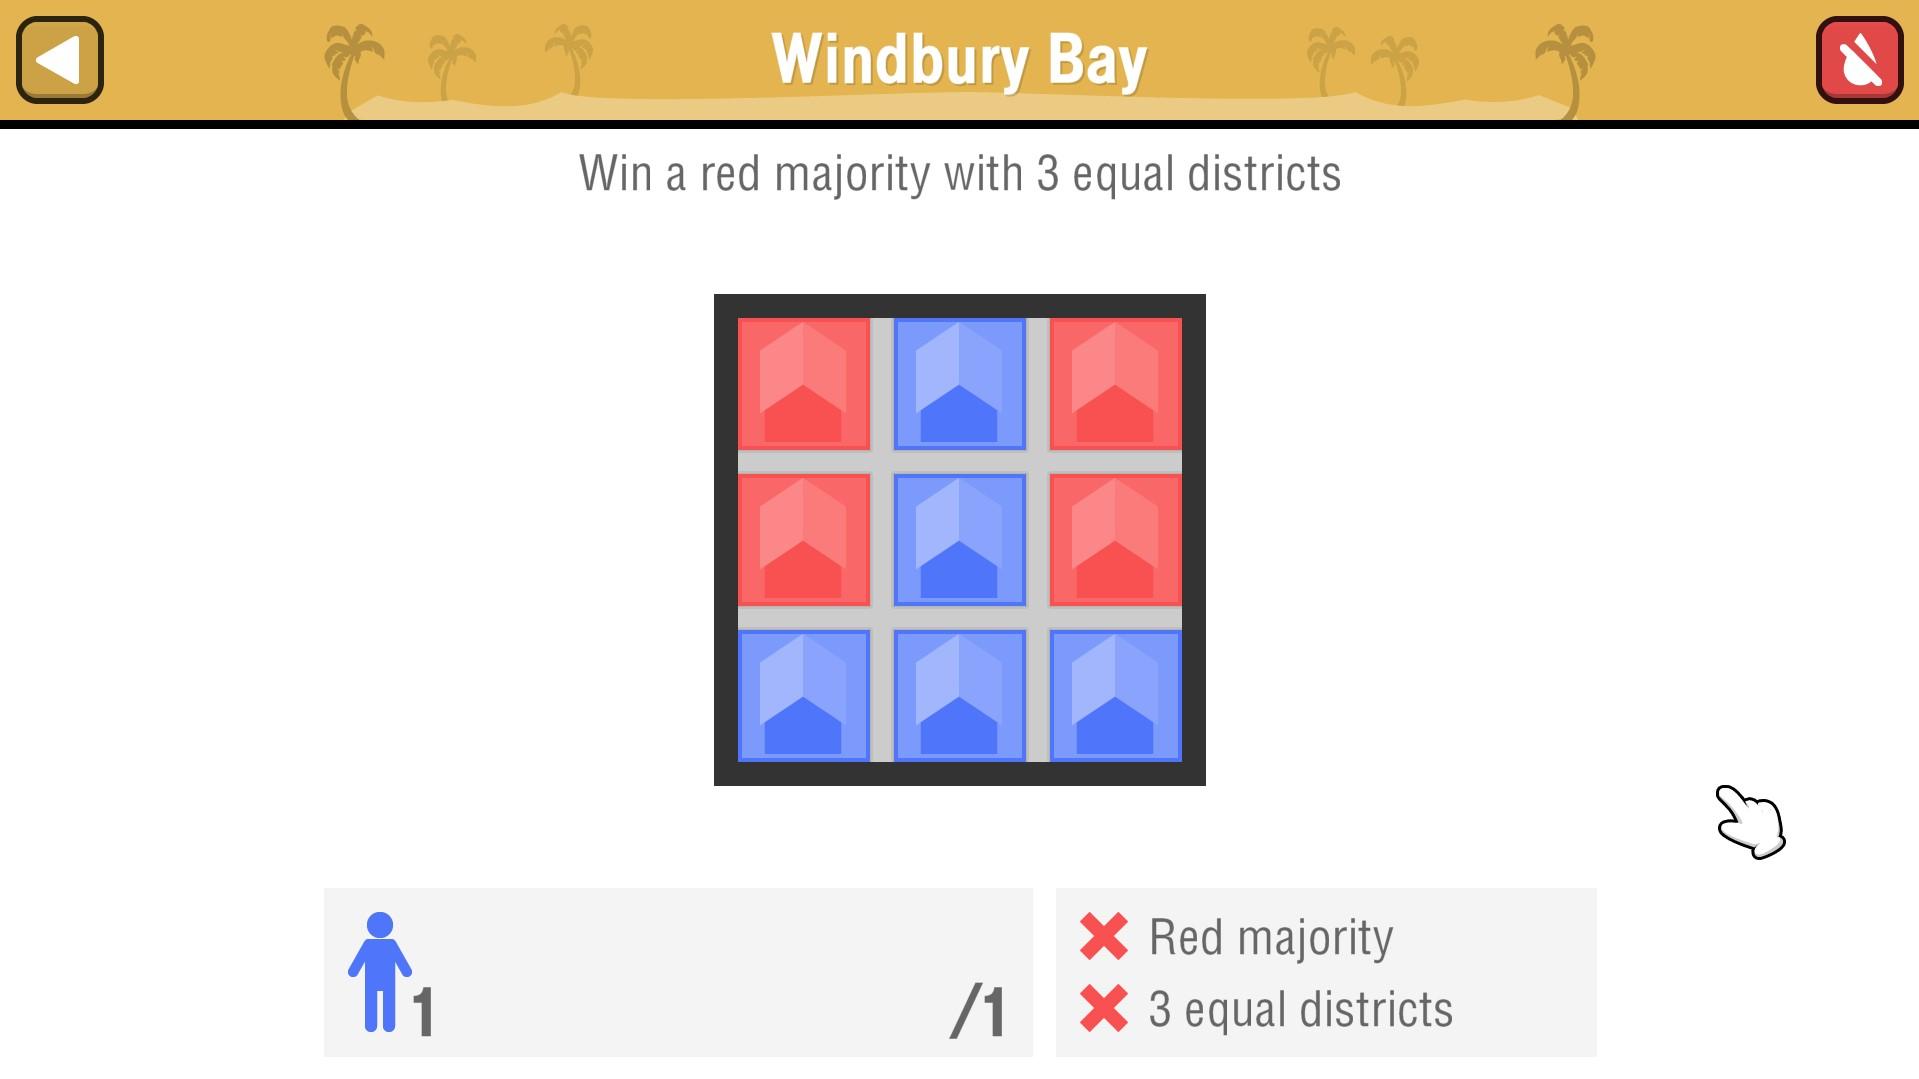 Windbury Bay